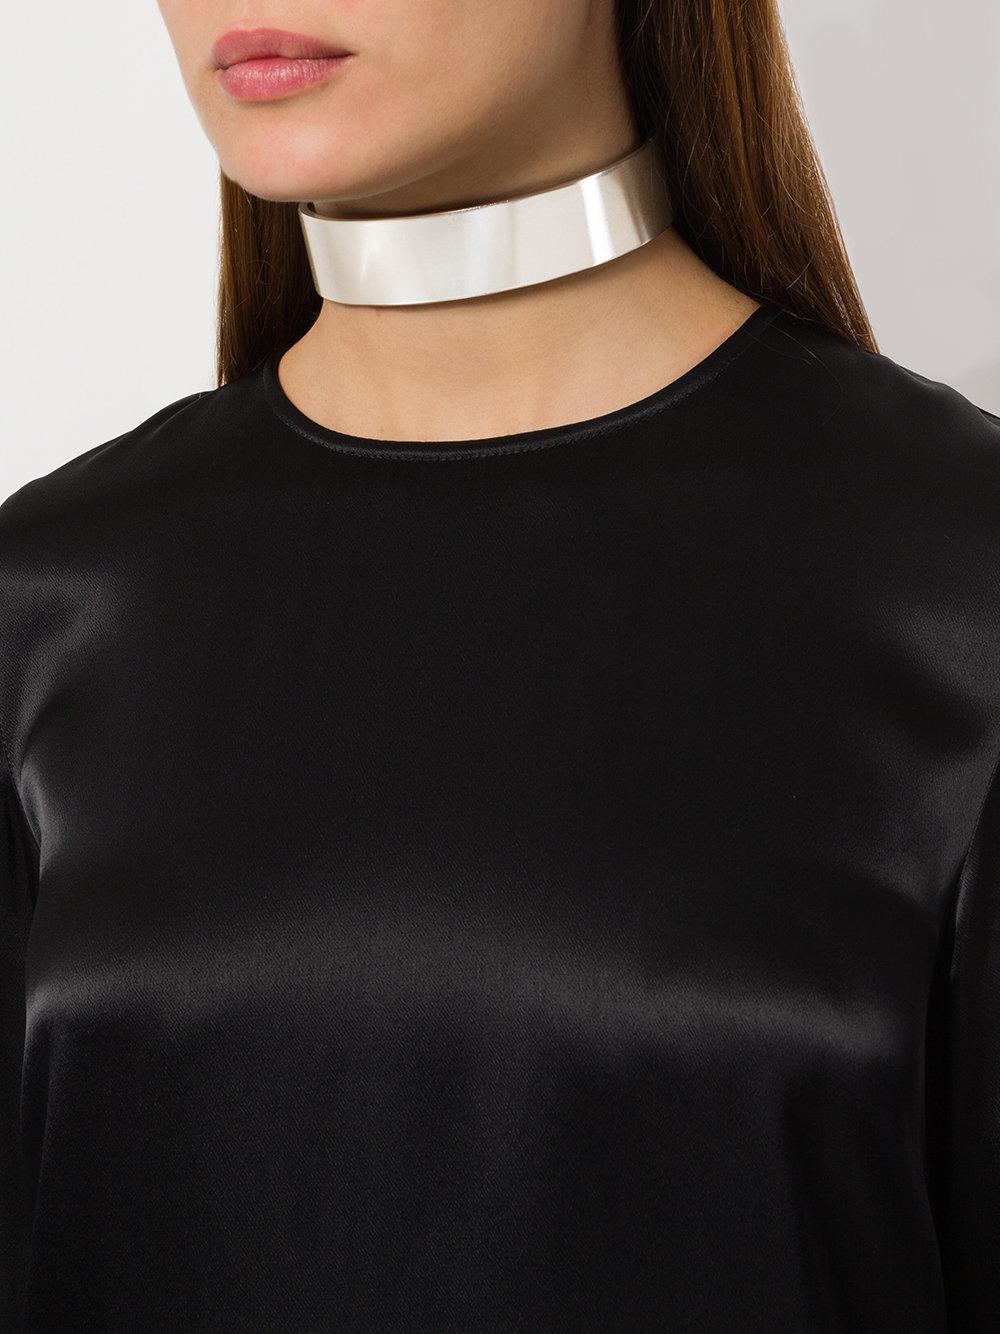 Maison Margiela Leather Metallic Choker Necklace